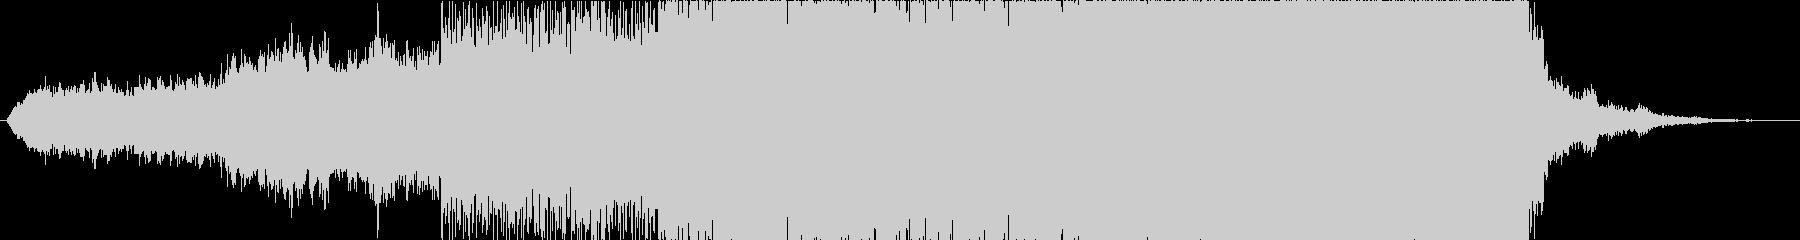 近未来的なダークで怪しい雰囲気の曲の未再生の波形